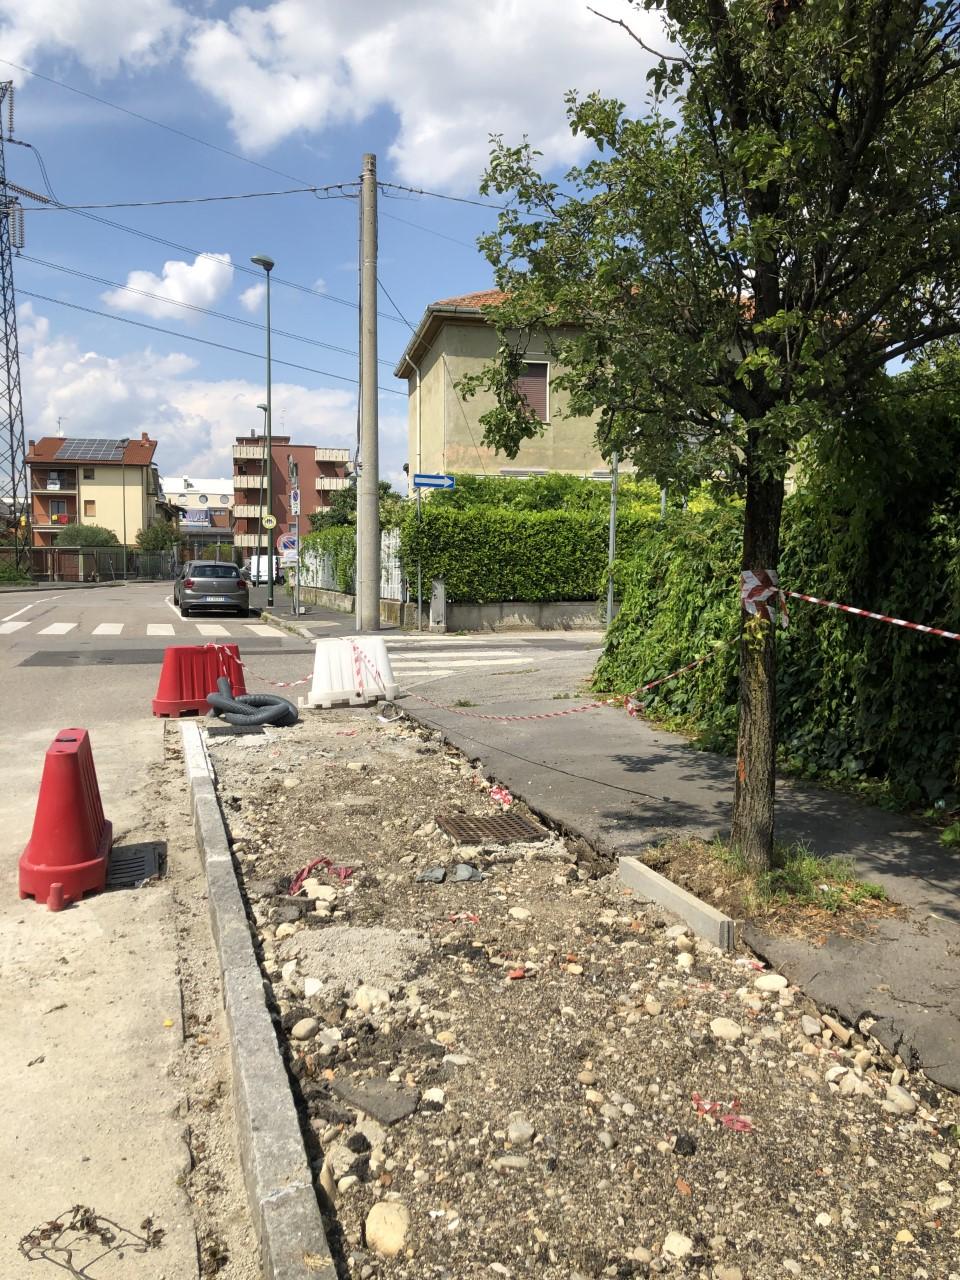 Uffici in affitto a Sesto San Giovanni in zona Via Sacco e ...